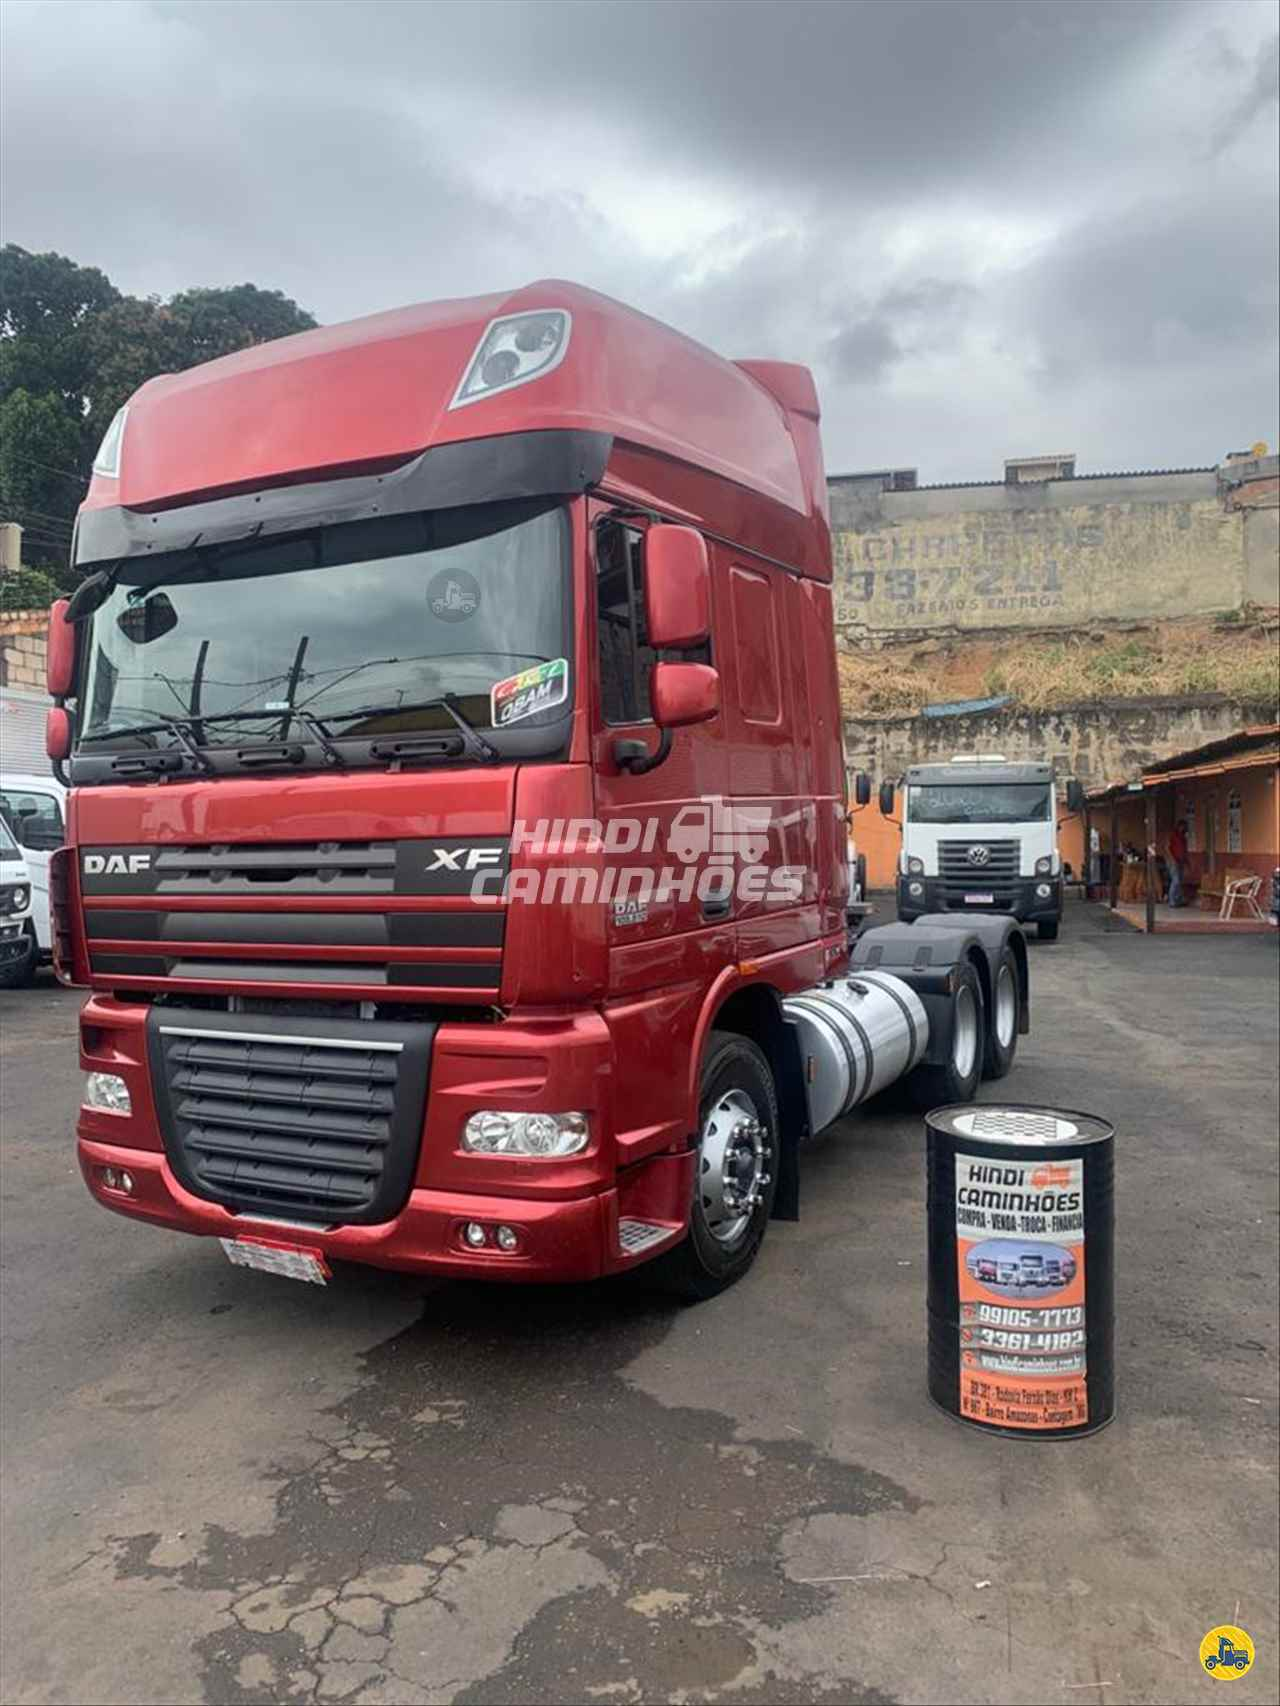 CAMINHAO DAF DAF XF105 510 Chassis Truck 6x2 Hindi Caminhões CONTAGEM MINAS GERAIS MG